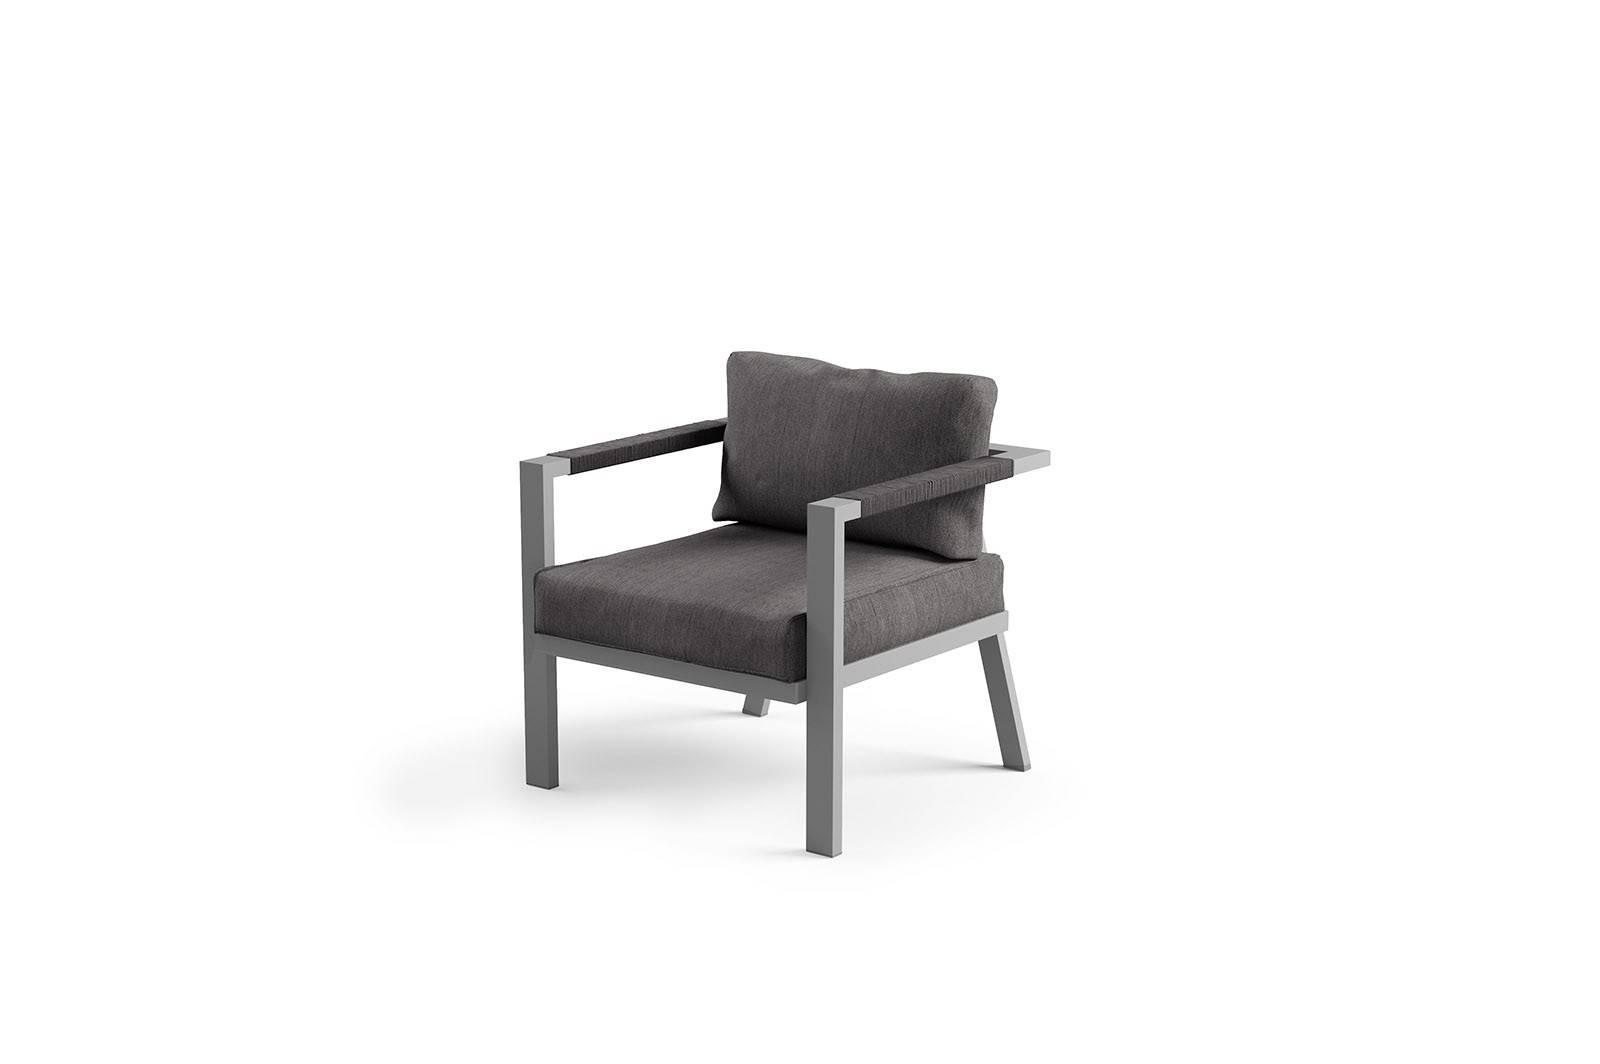 Záhradná hliníková súprava GRADO grey